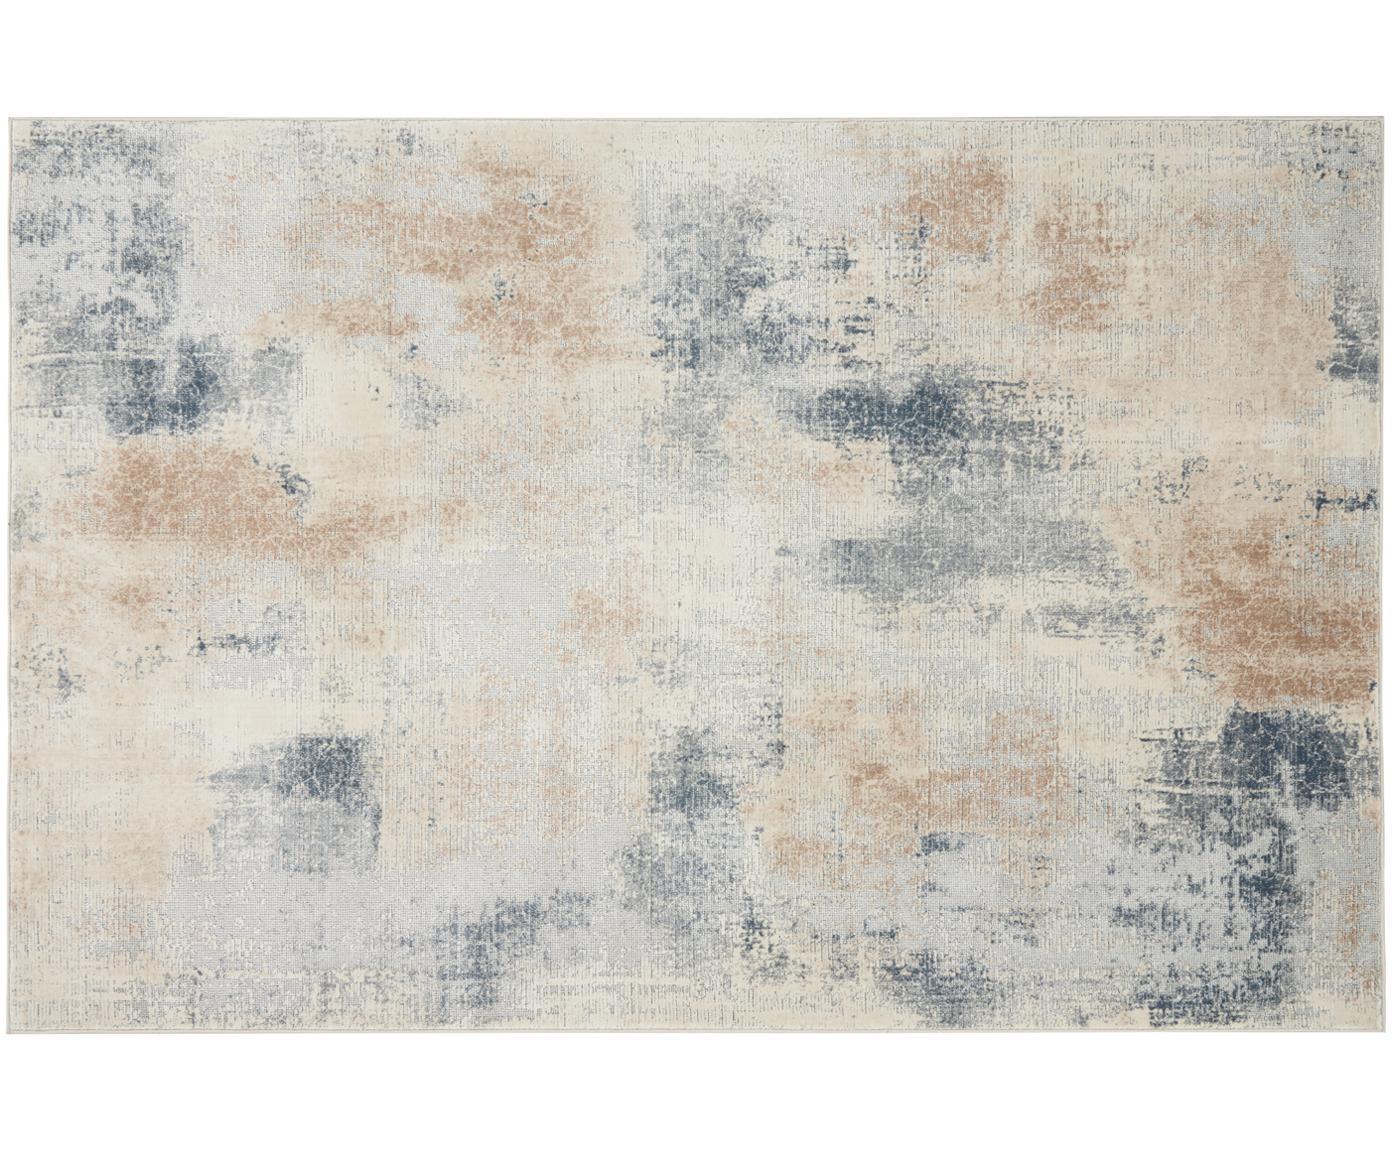 Tappeto di design Rustic Textures, Retro: 50%juta, 50%Latex, Tonalità beige, grigio, Larg. 120 x Lung. 180 cm (taglia S)